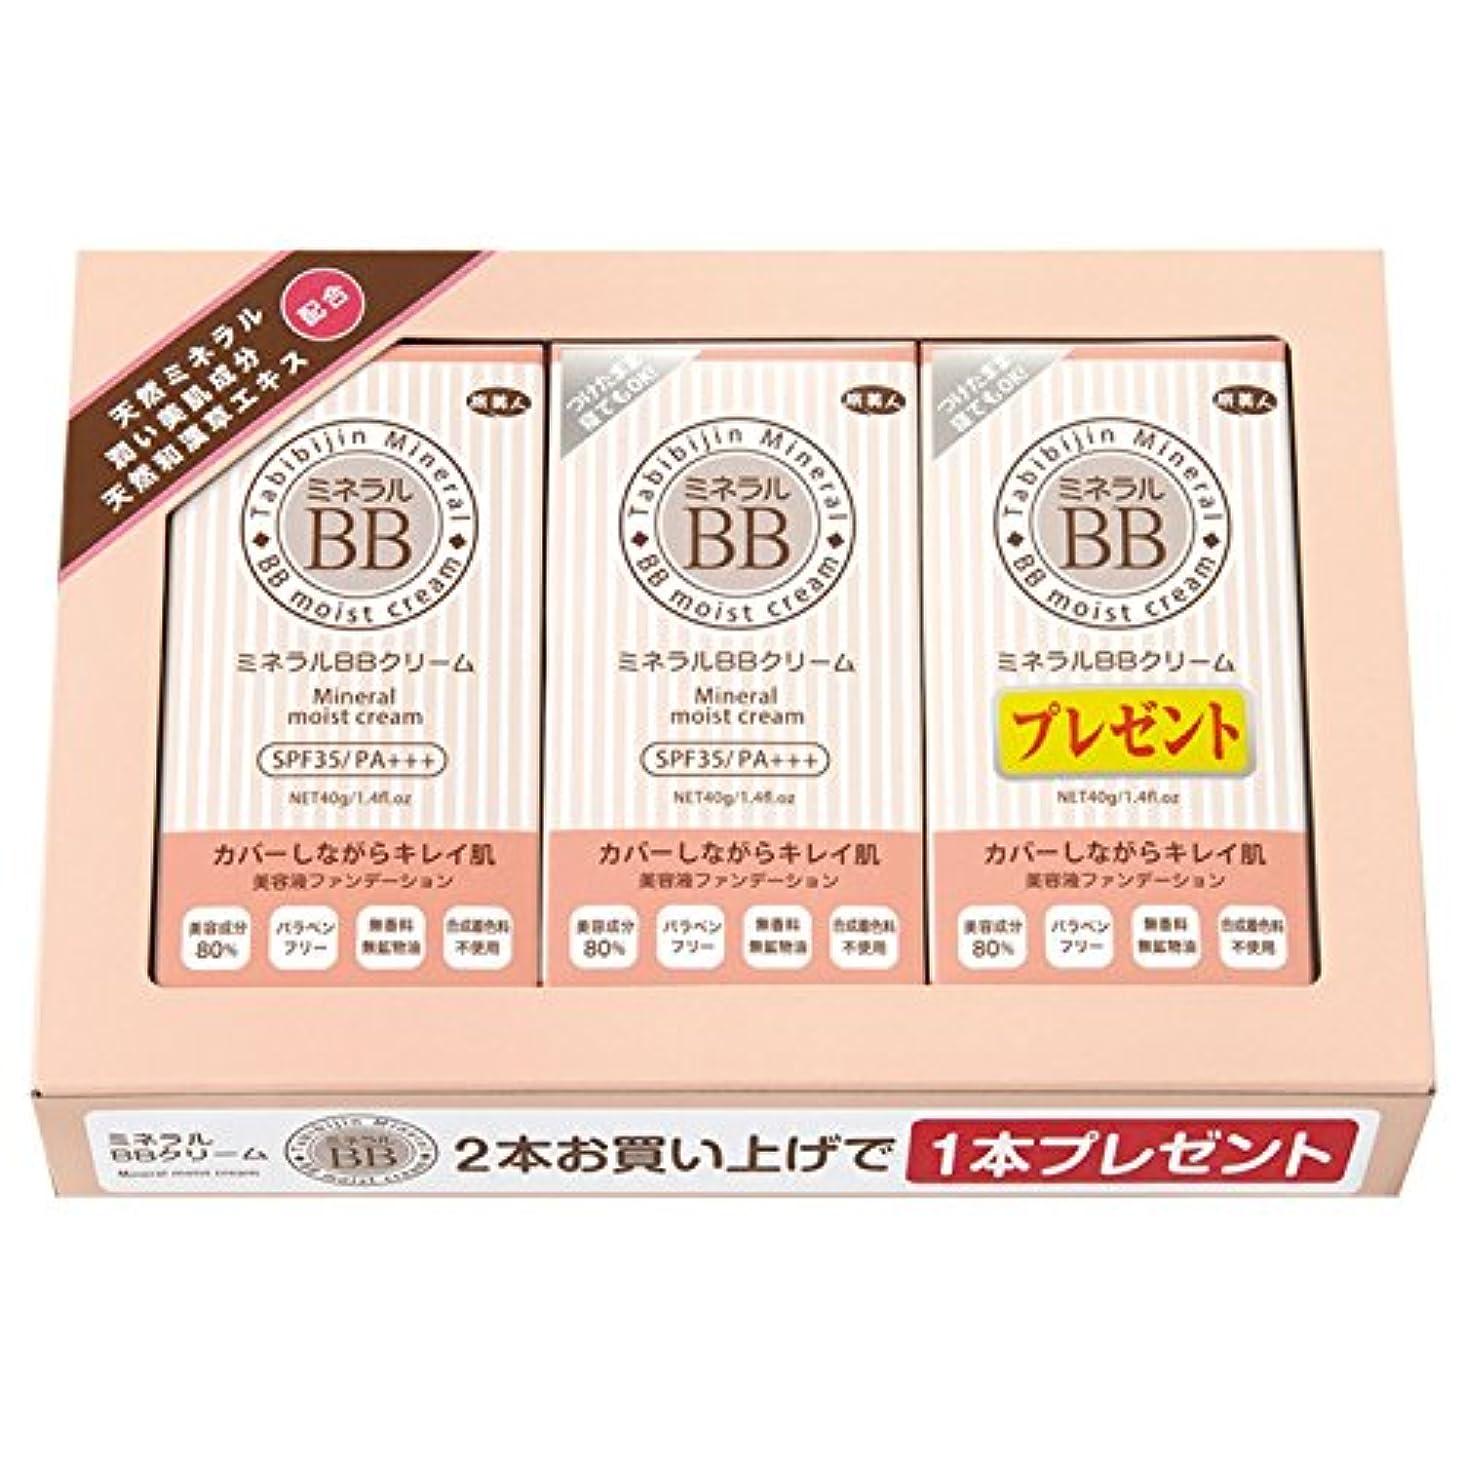 電話に出る検証読むアズマ商事の ミネラルBBクリーム お得な 2本のお値段で3本入りセット